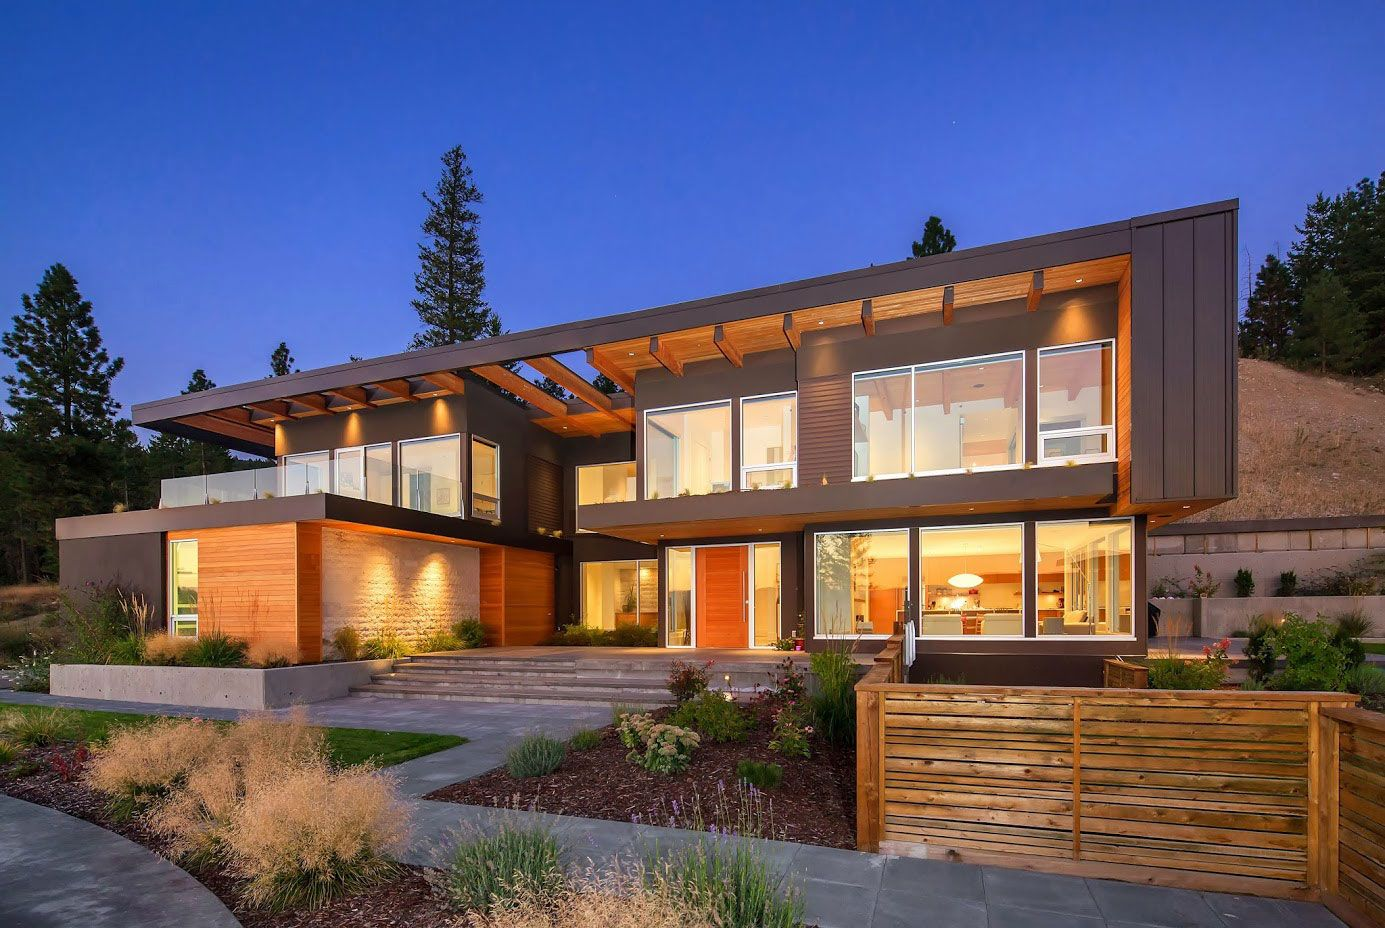 Delicieux Karoleena Modern Prefab Homes Or Modular Modular Homes In  Calgary,Edmonton,Vancouver,Whistler